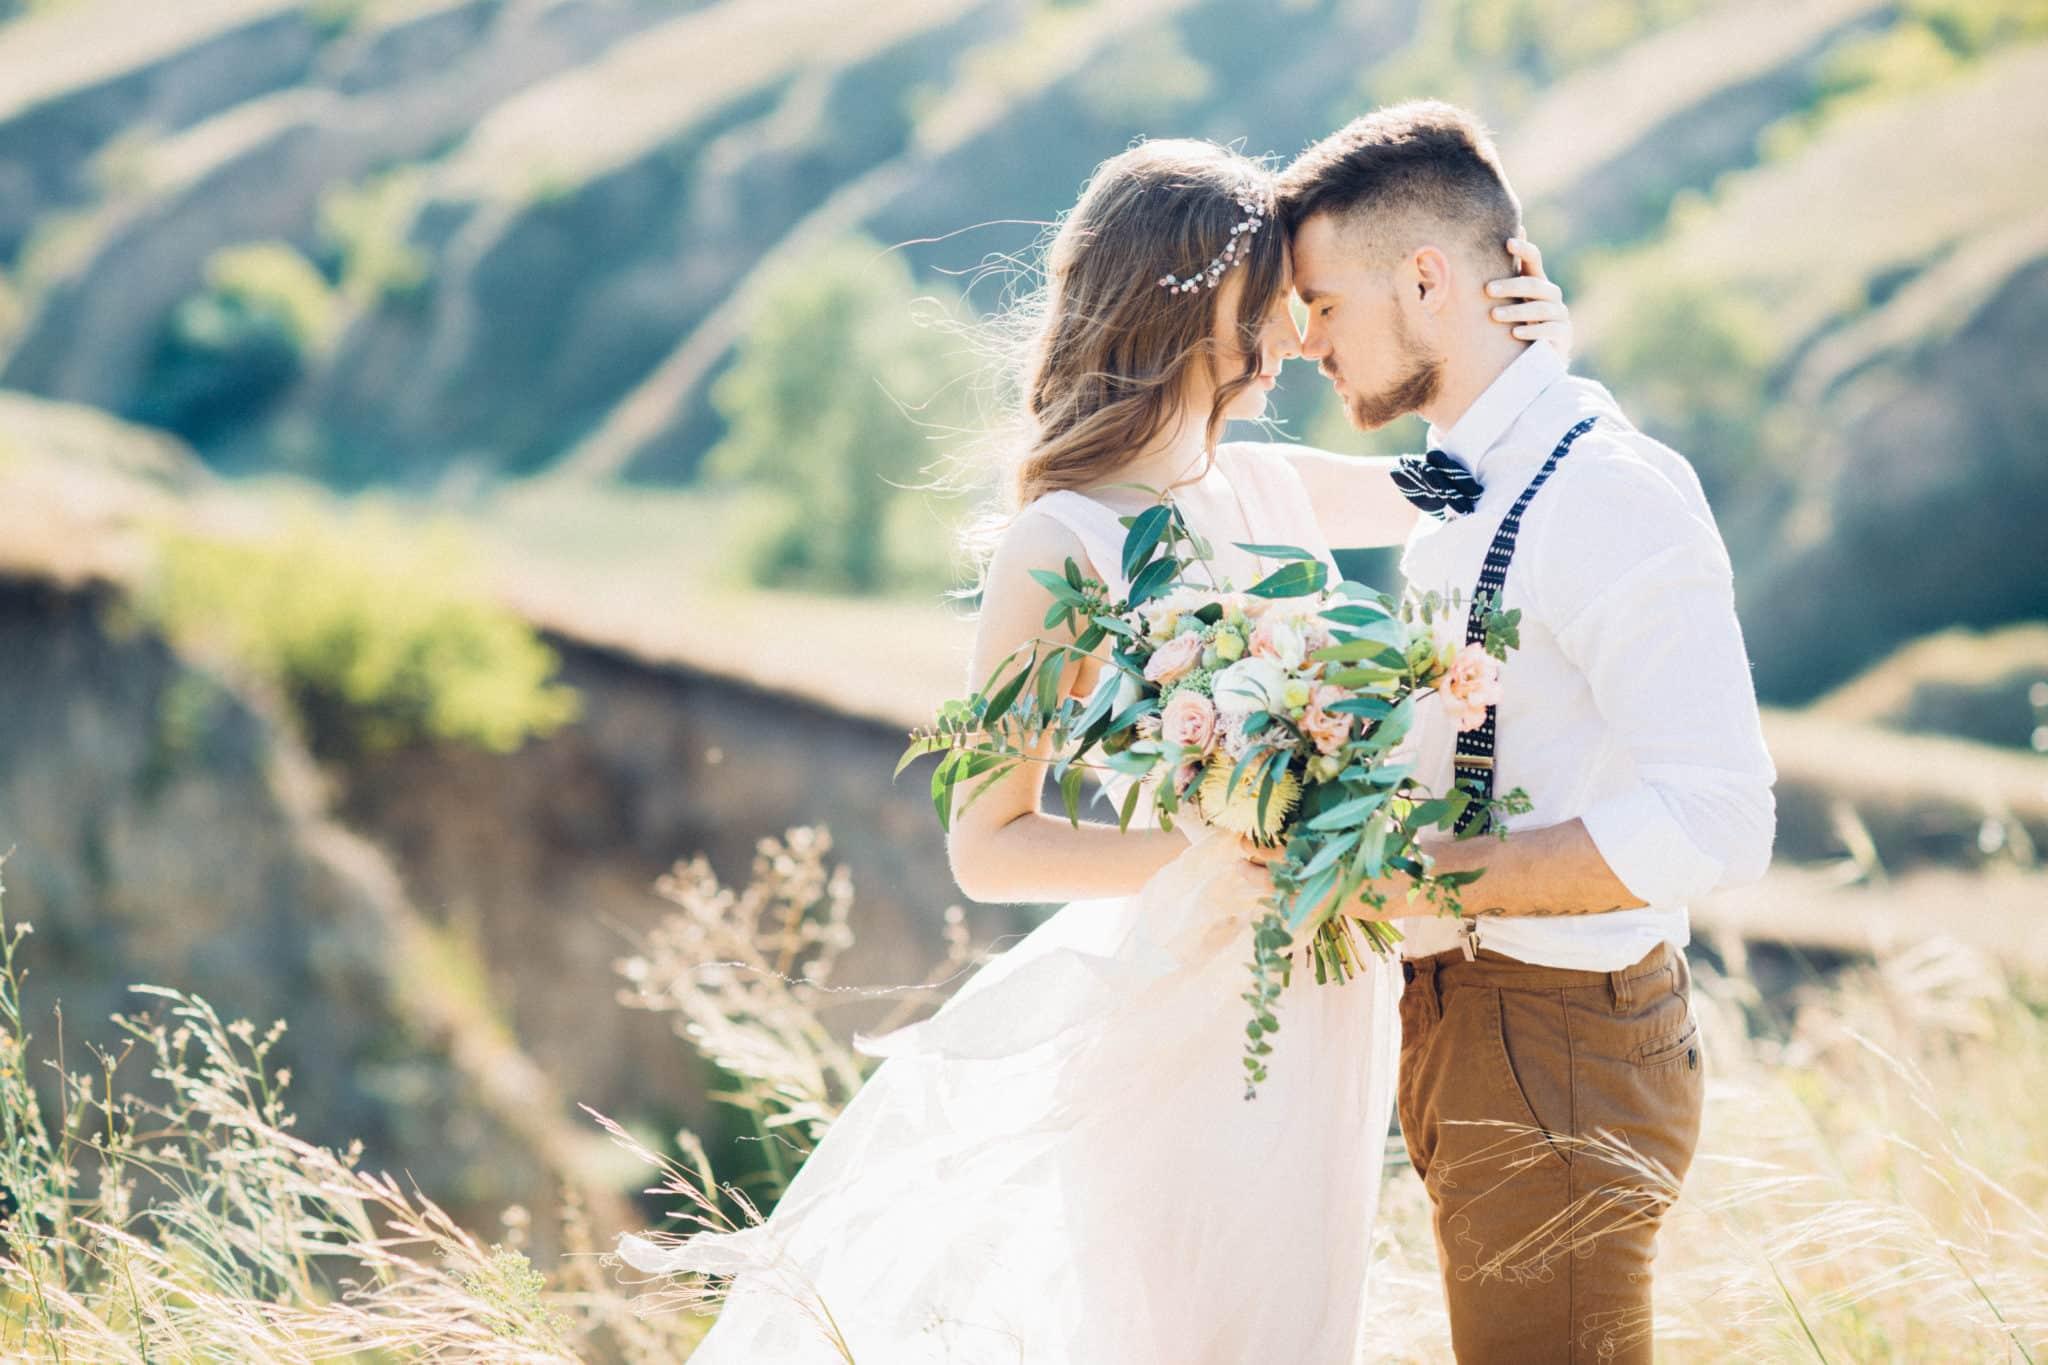 mon mariage face au Covid-19